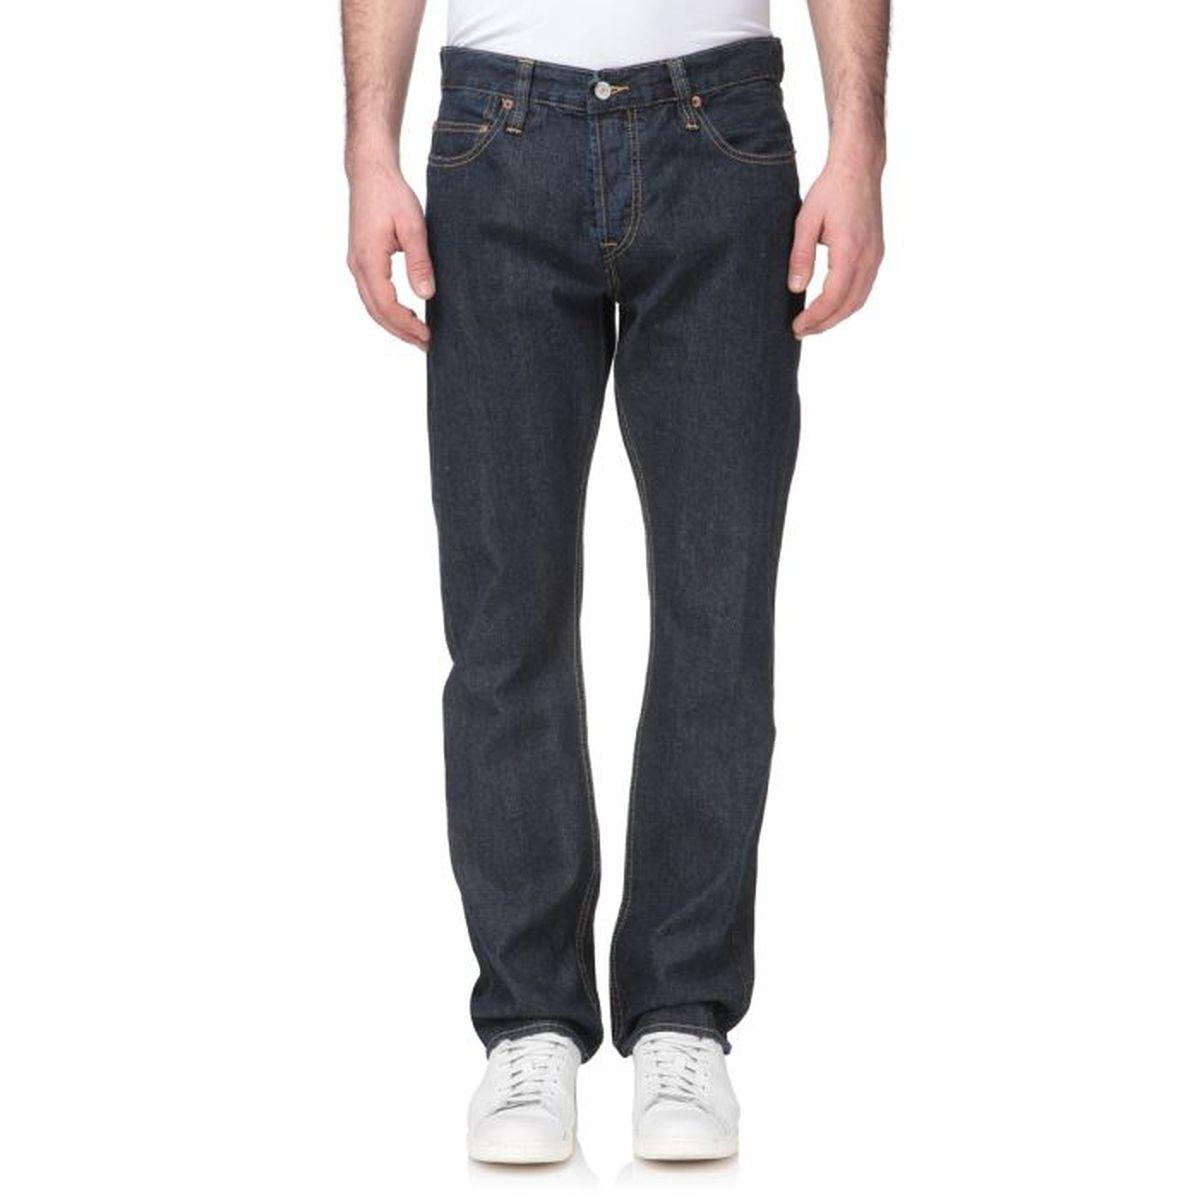 complices jean regular homme brut achat vente jeans. Black Bedroom Furniture Sets. Home Design Ideas